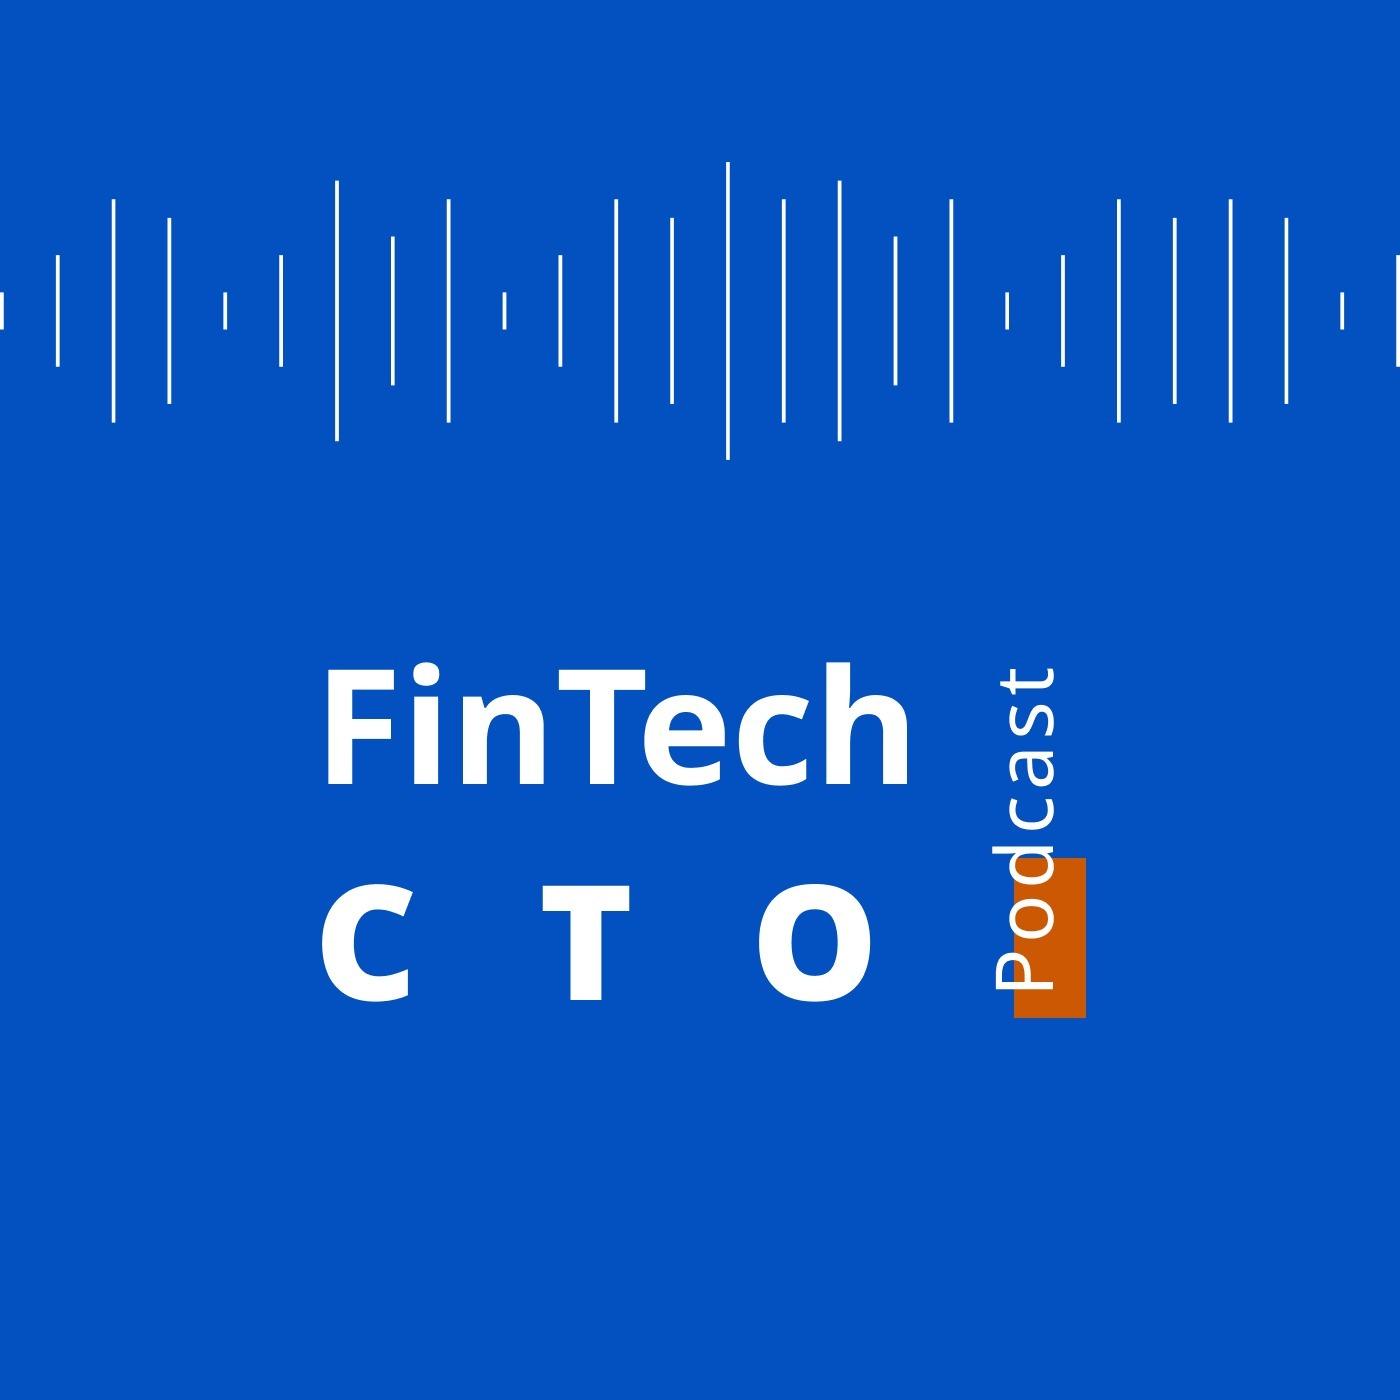 FinTech CTO Club